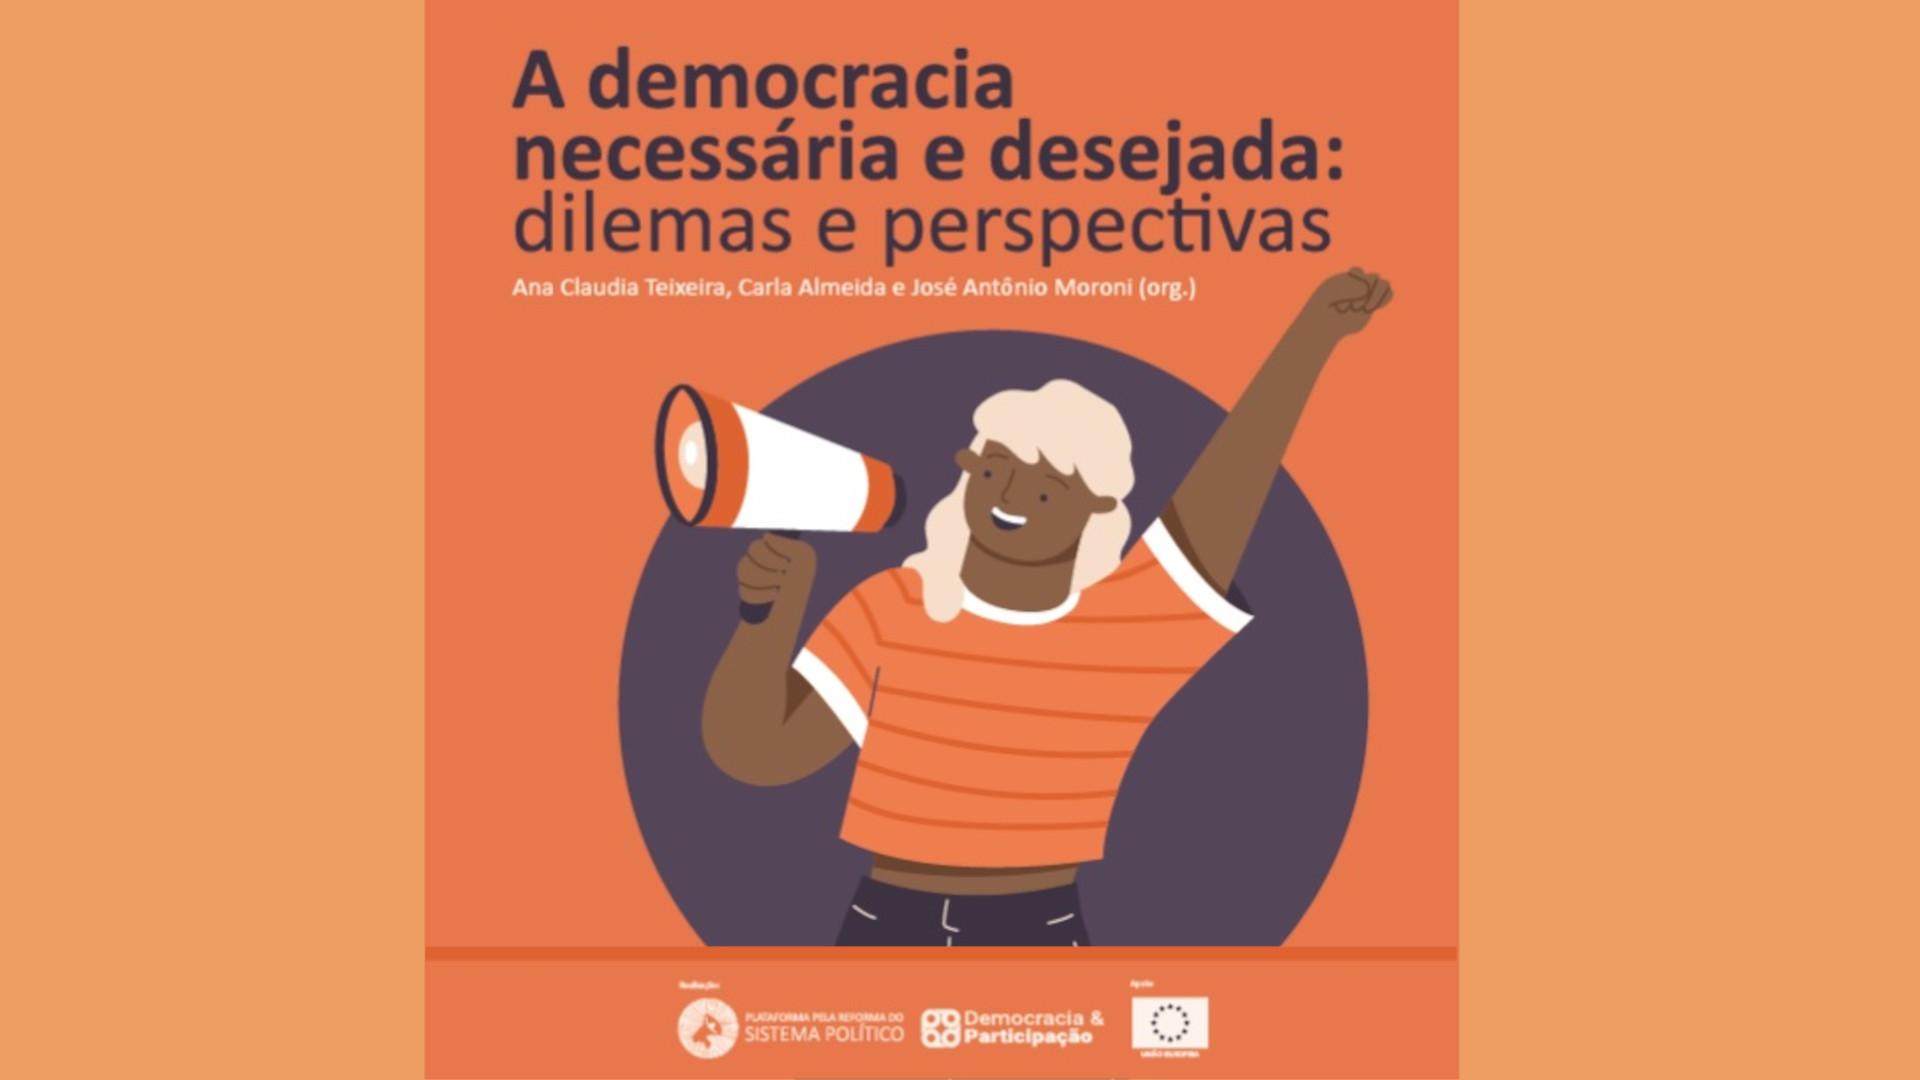 A democracia necessária e desejada: perspectivas e dilemas